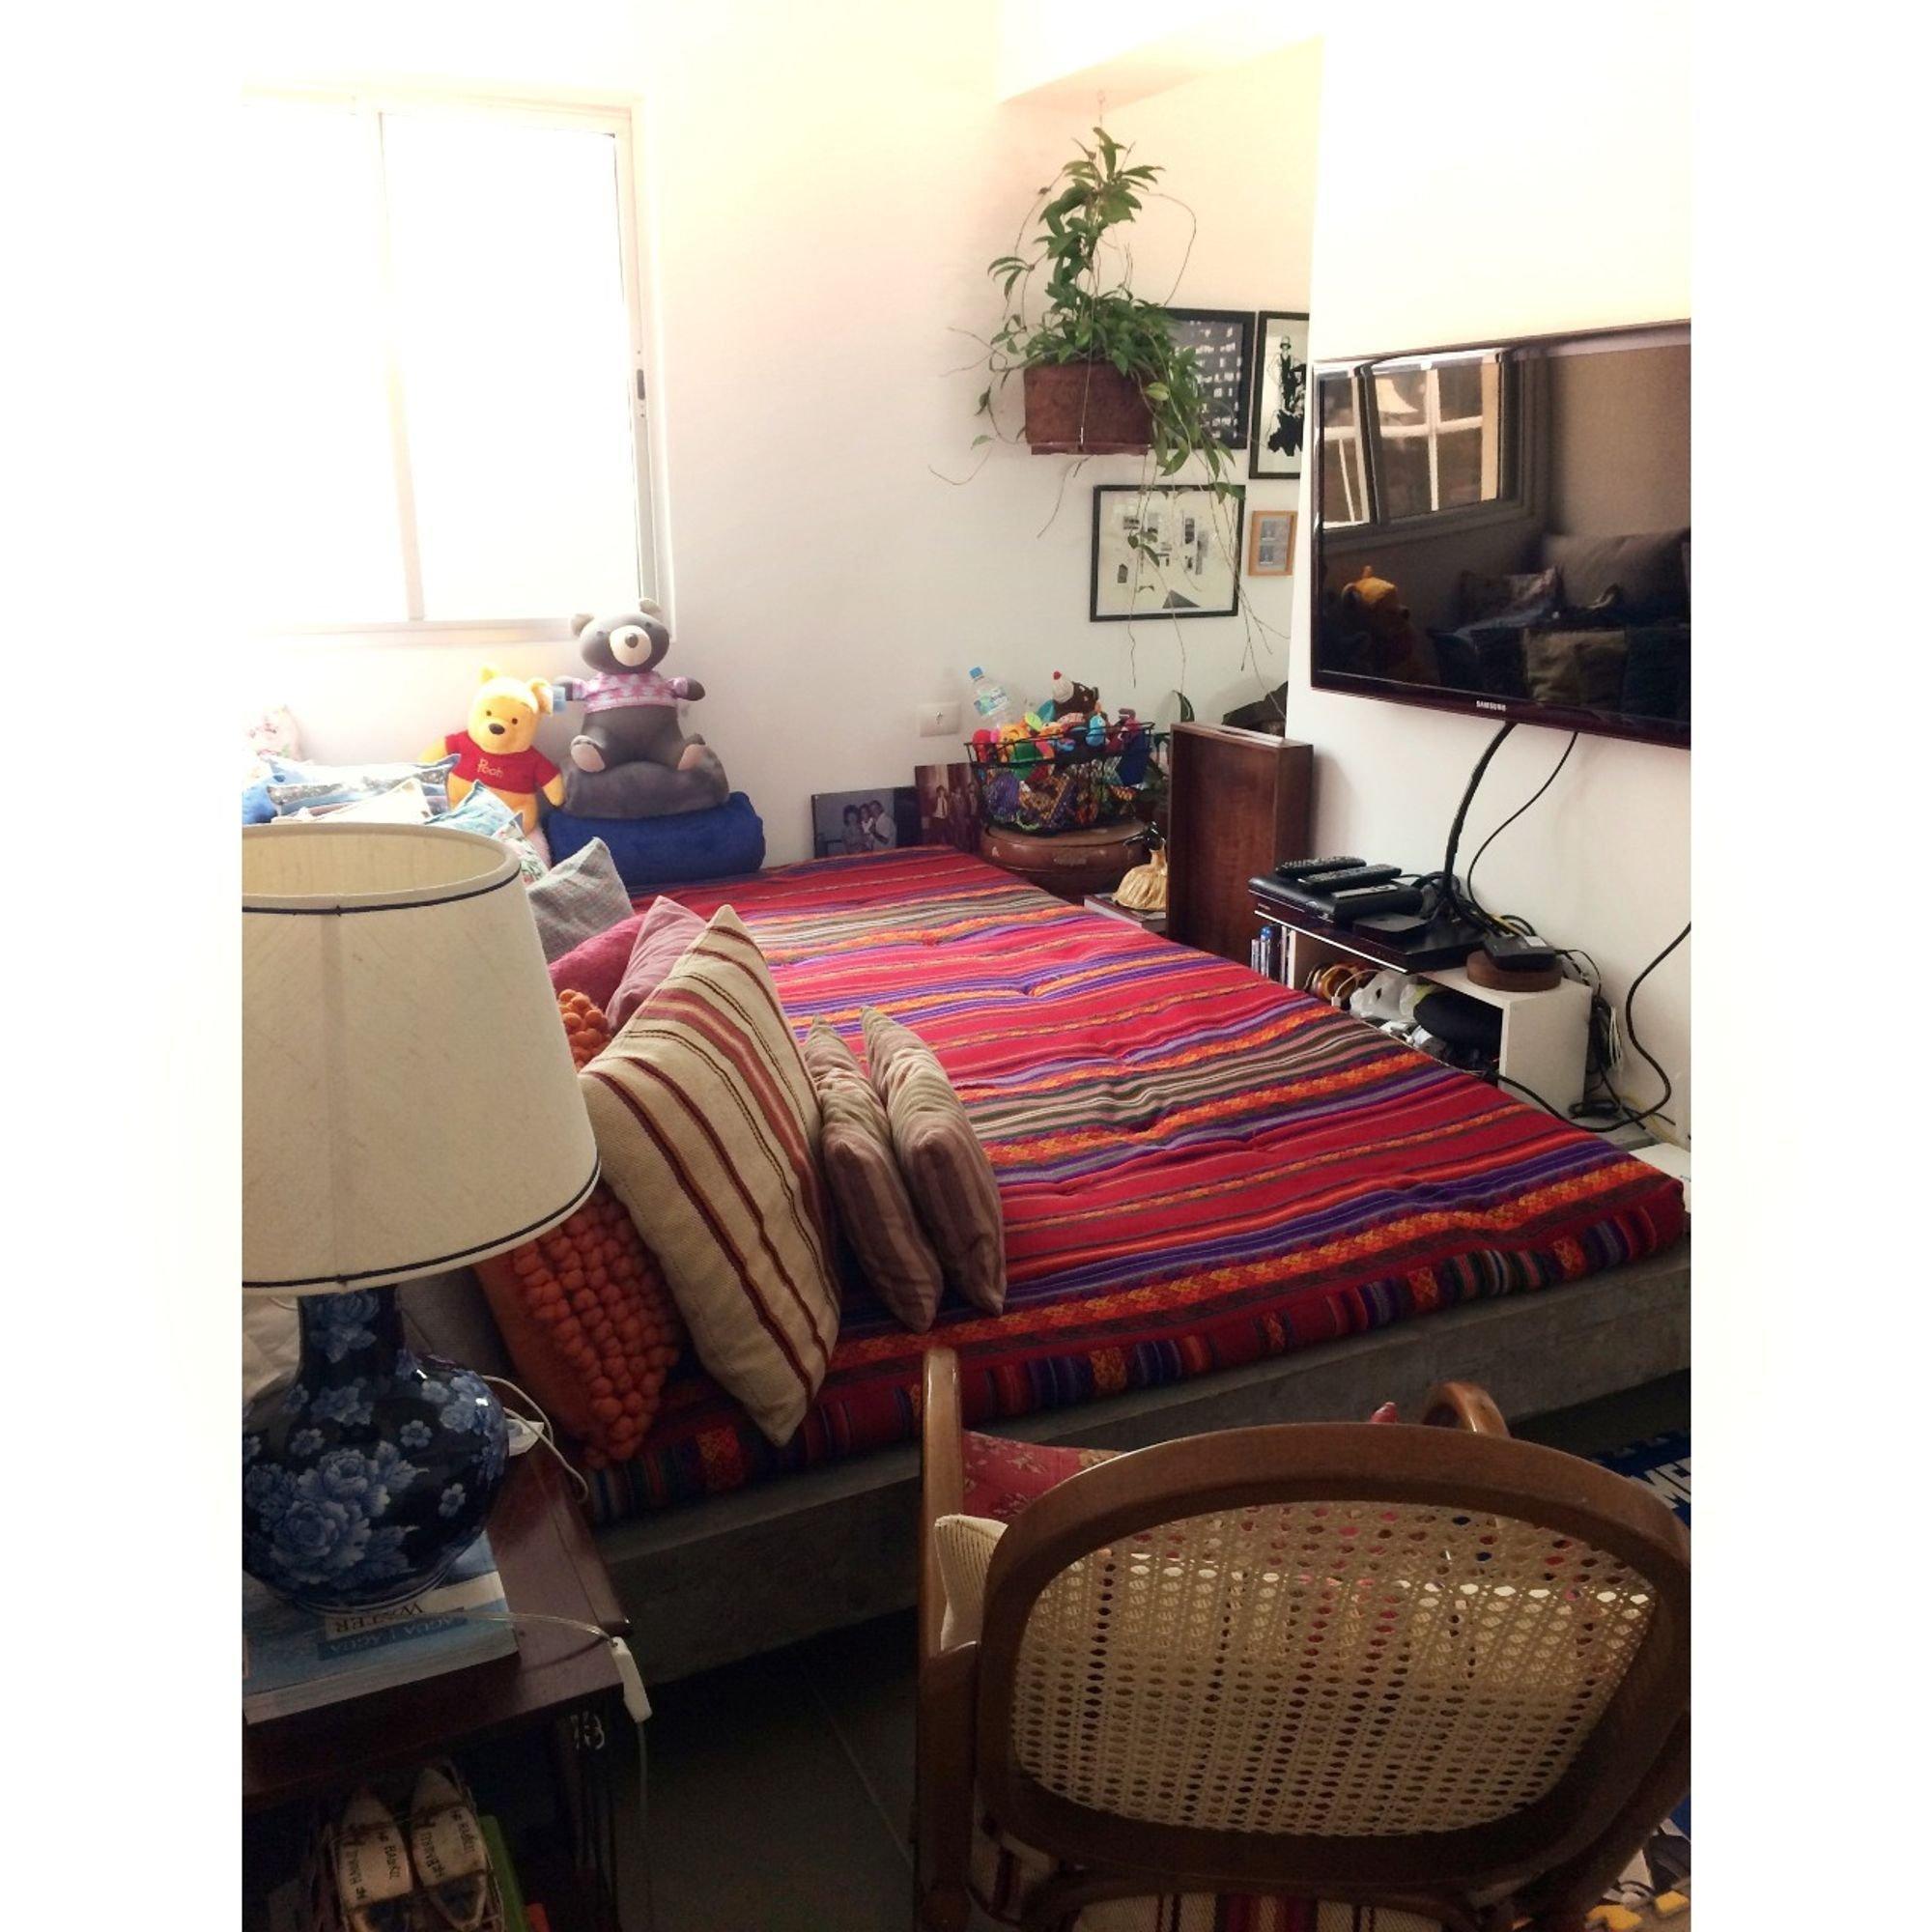 Foto de Quarto com cama, vaso de planta, cadeira